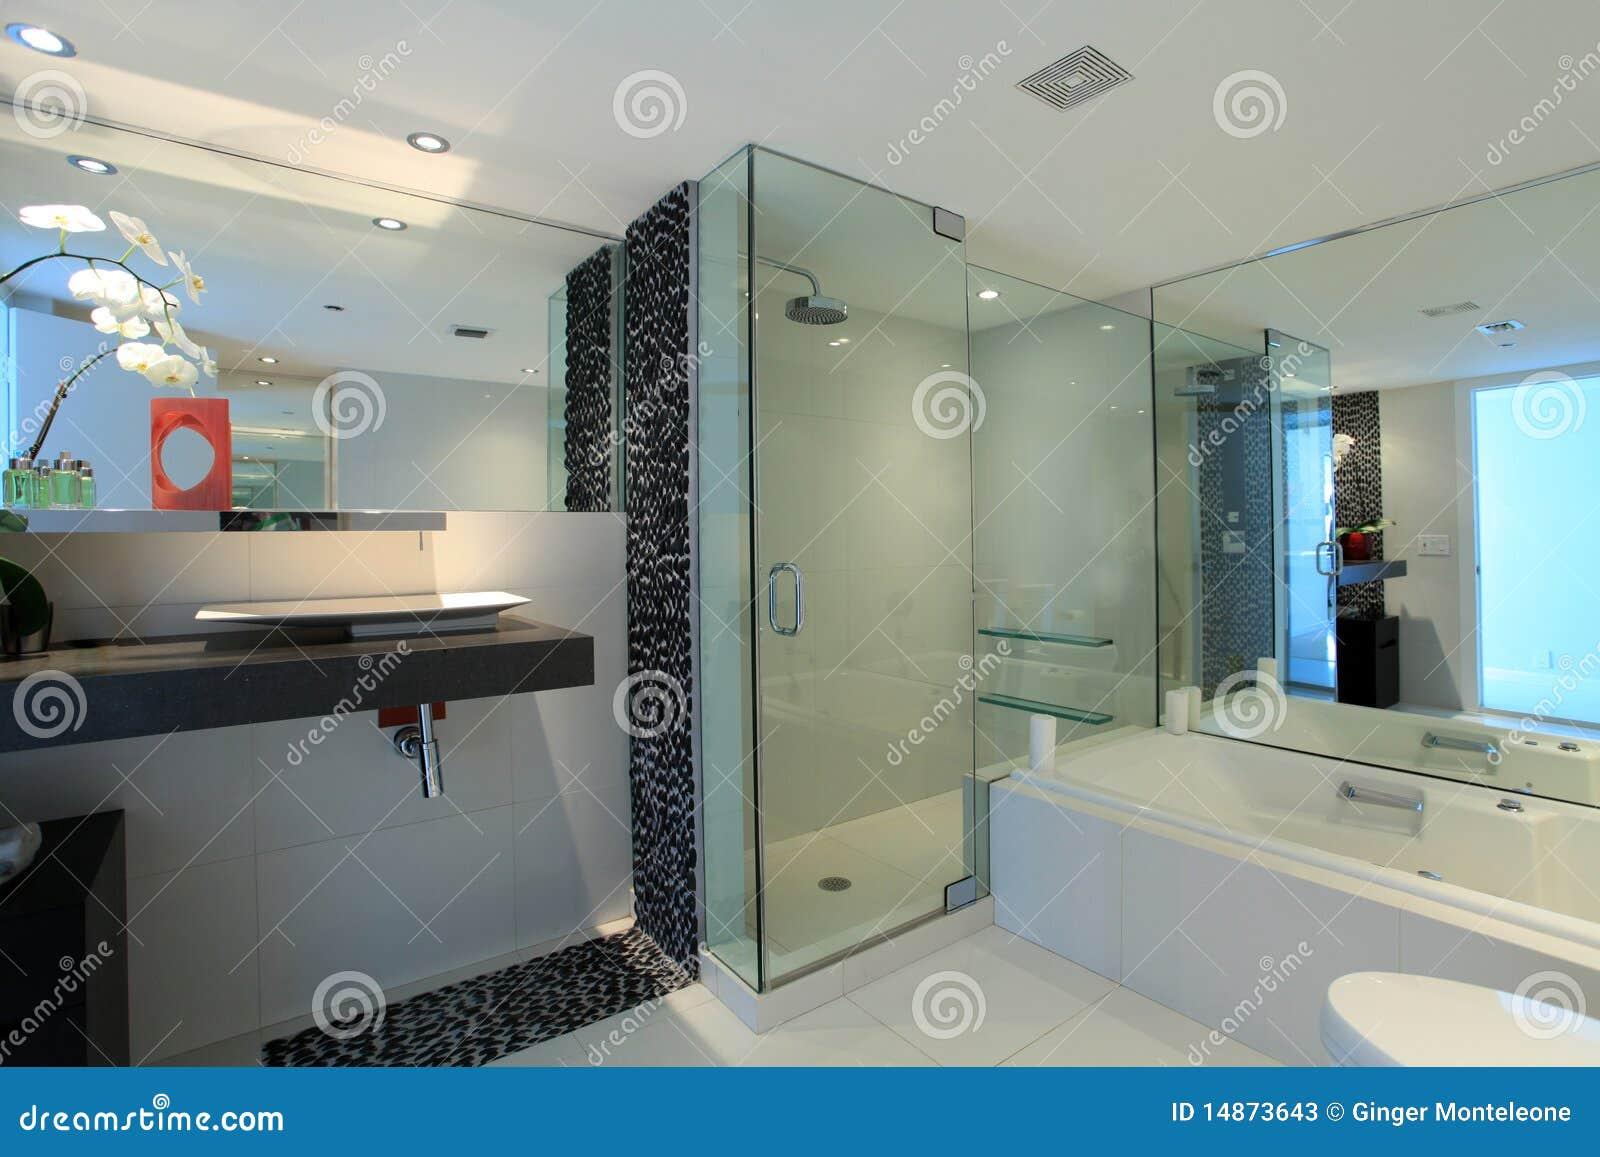 Particolari moderni della stanza da bagno immagine stock immagine 14873643 - Stanza da bagno ...